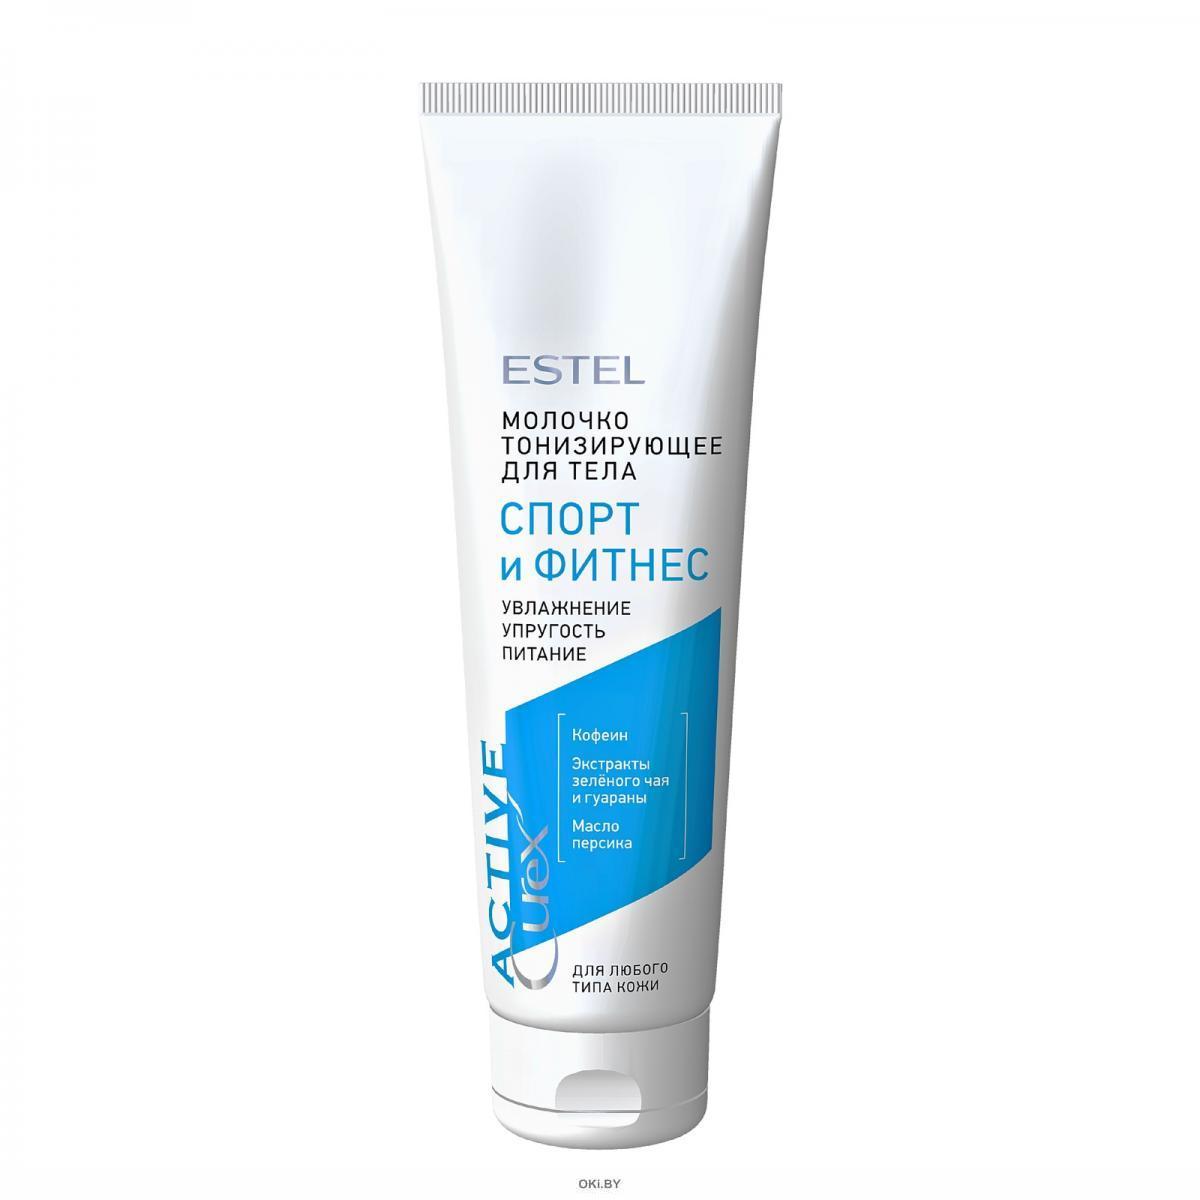 Тонизирующее молочко для тела Estel «Спорт и Фитнес» 150мл (Estel CUREX ACTIVE)